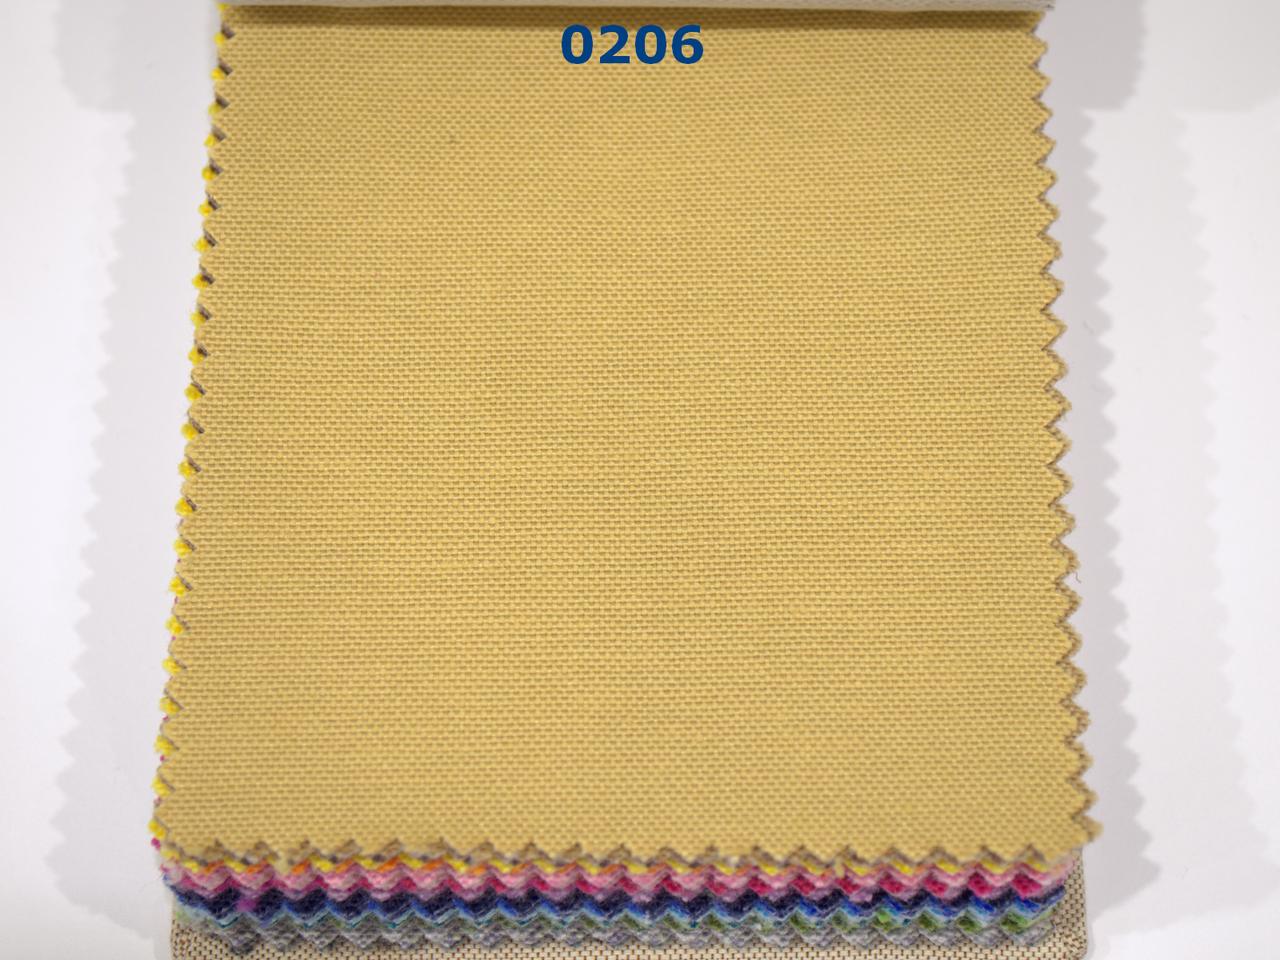 Ткань для Скатертей Золото-Бежевая с пропиткой Тефлон-180 Однотонная Турция ширина 180см